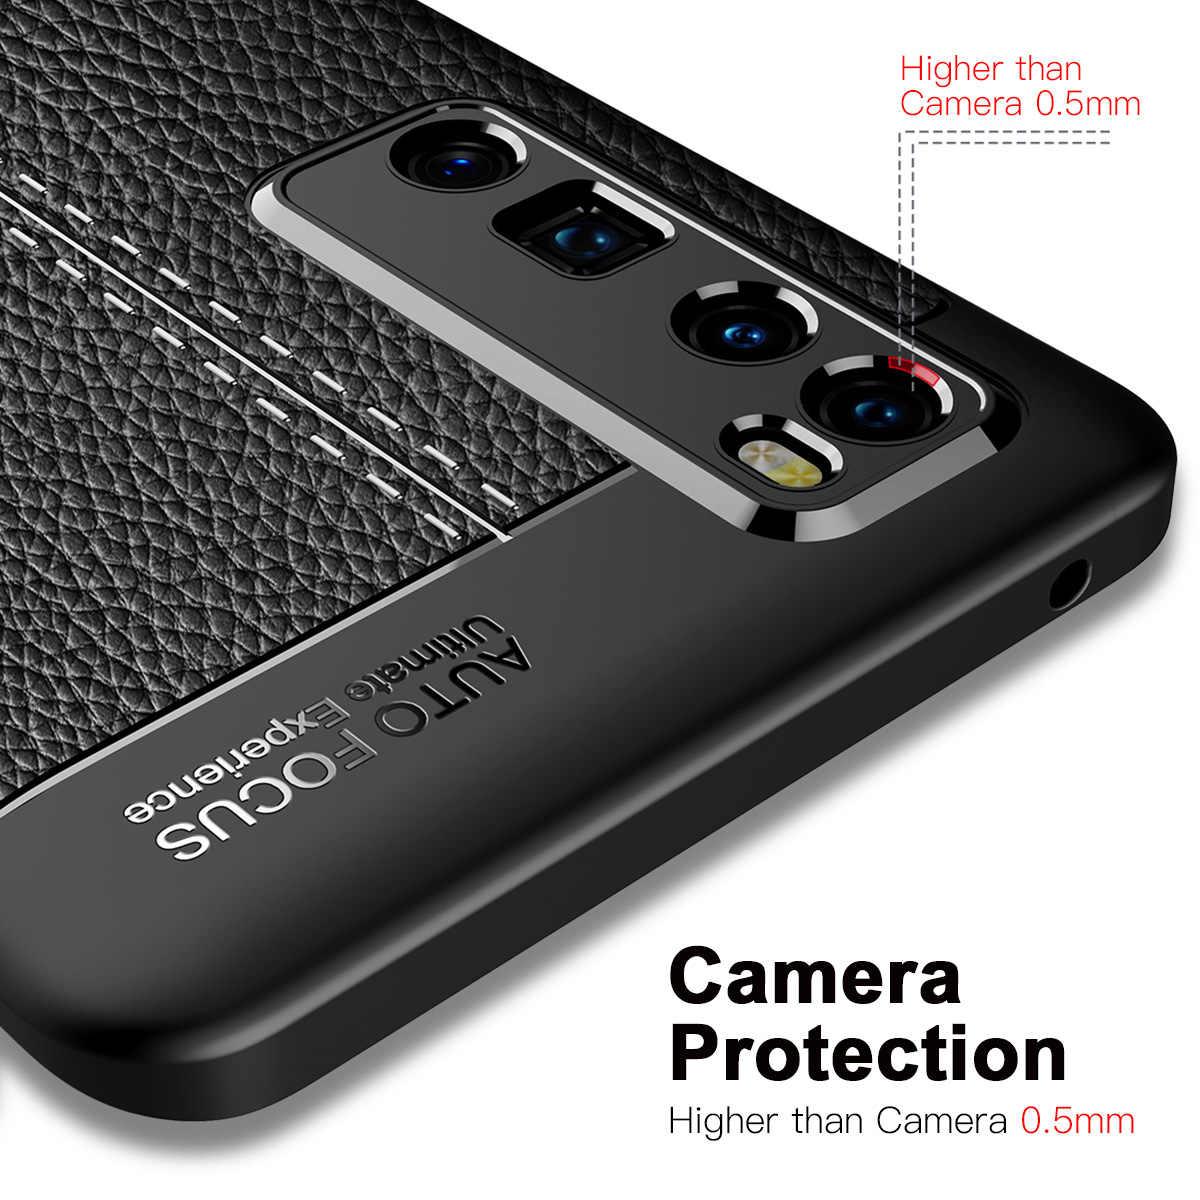 Nova 7 per il Caso di Huawei Nova 7 Pro Del Modello Del Litchi di cuoio Molle DELLA COPERTURA di TPU per Nova 7SE Coque per Nova 7 se Capa Fundas